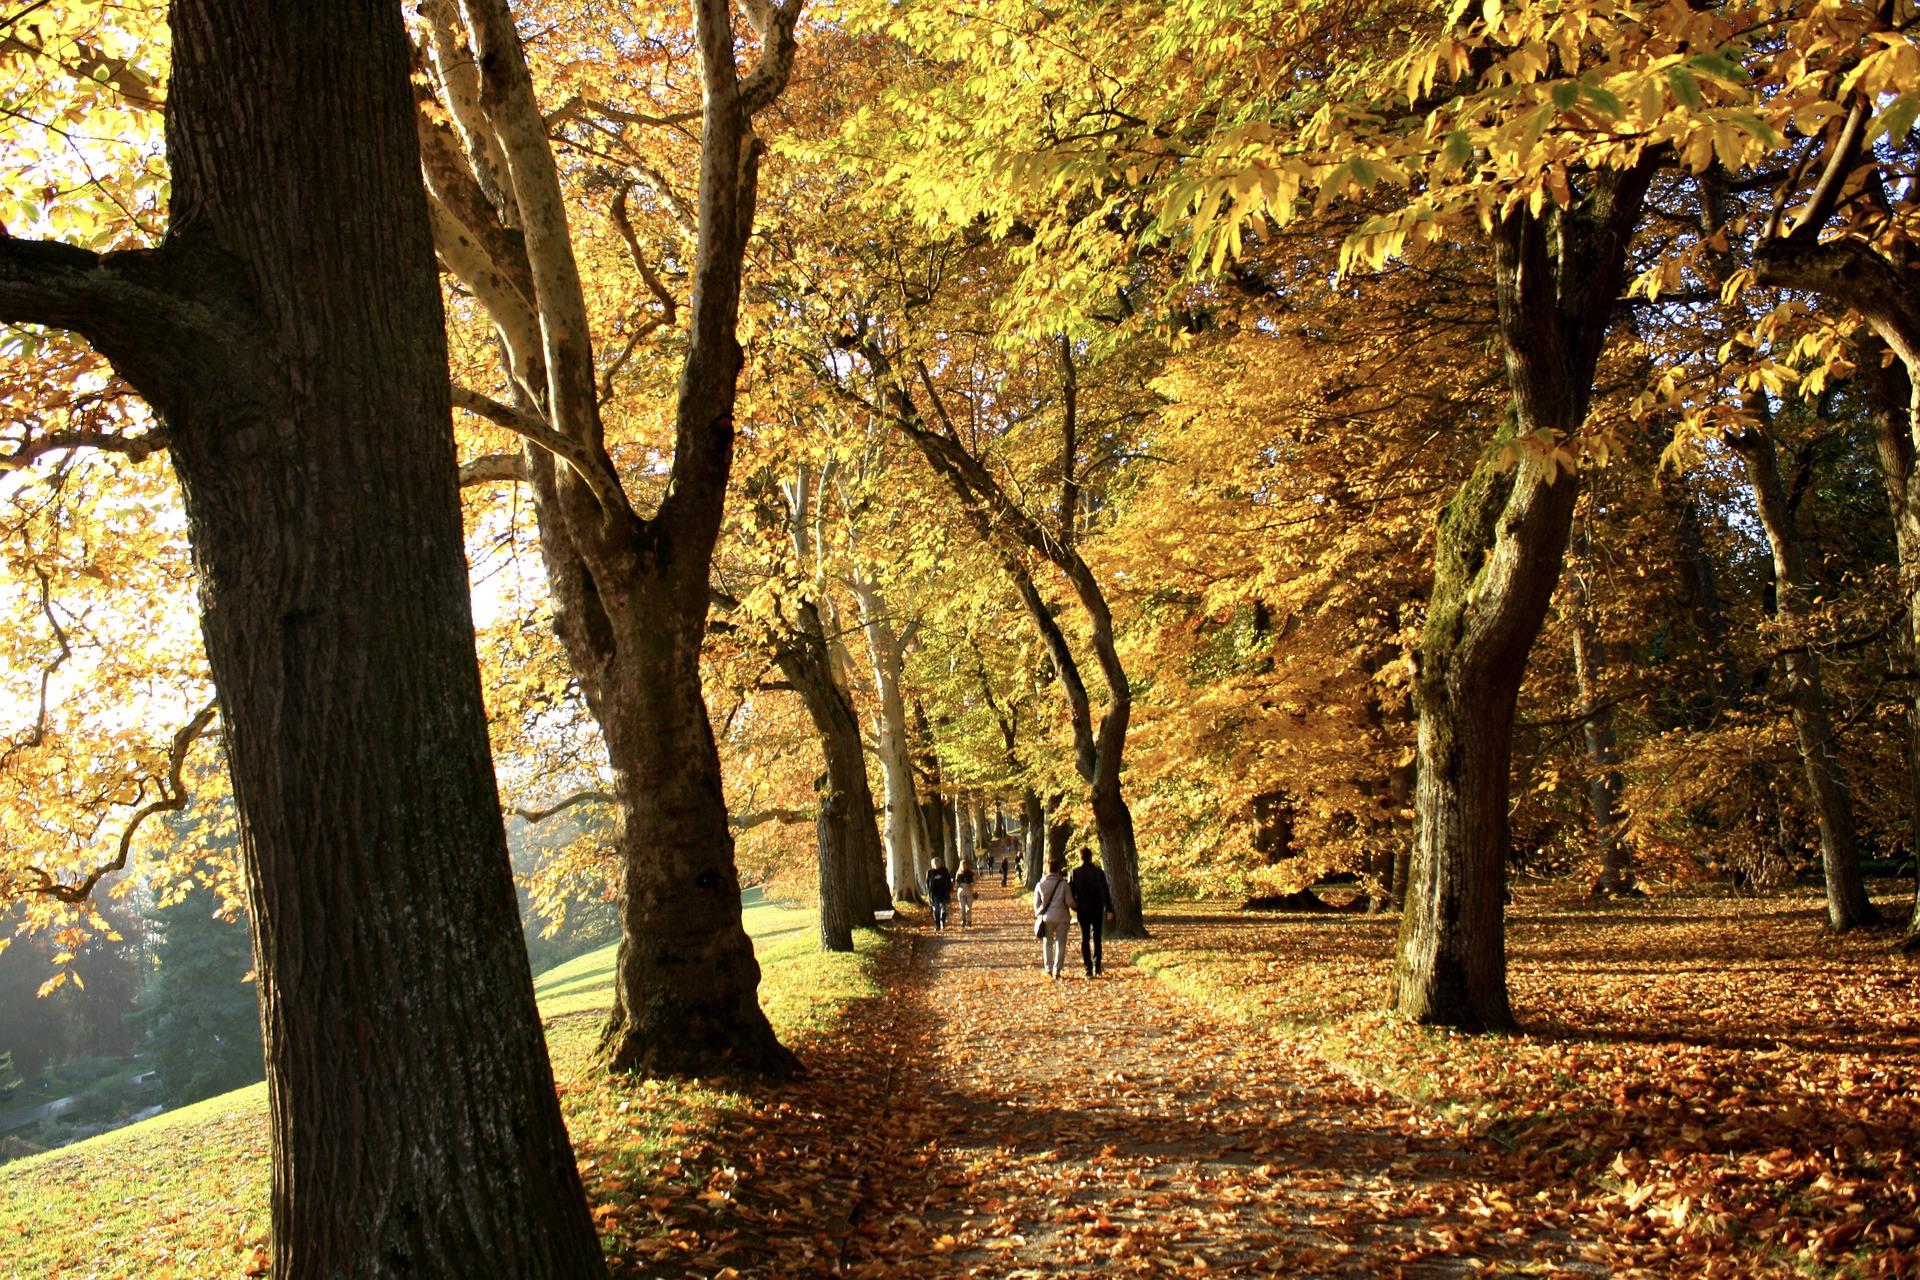 Ausflugsziele in der Natur gibt es in Baden-Württemberg viele